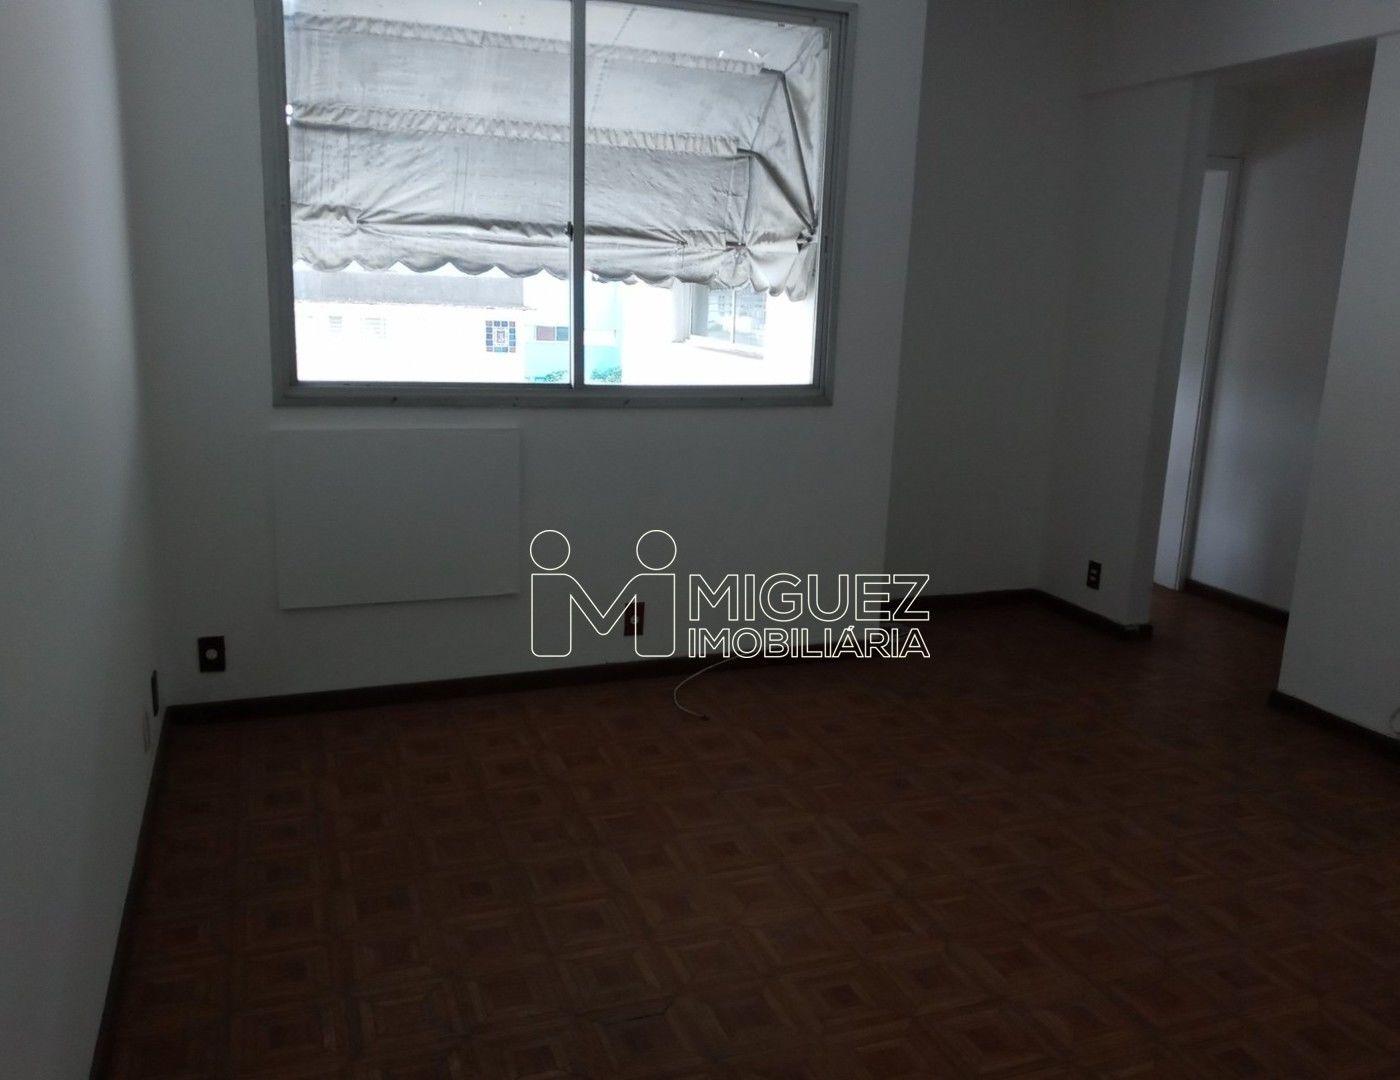 Apartamento, venda, Rua Dona Amélia - Andaraí , Rio de janeiro